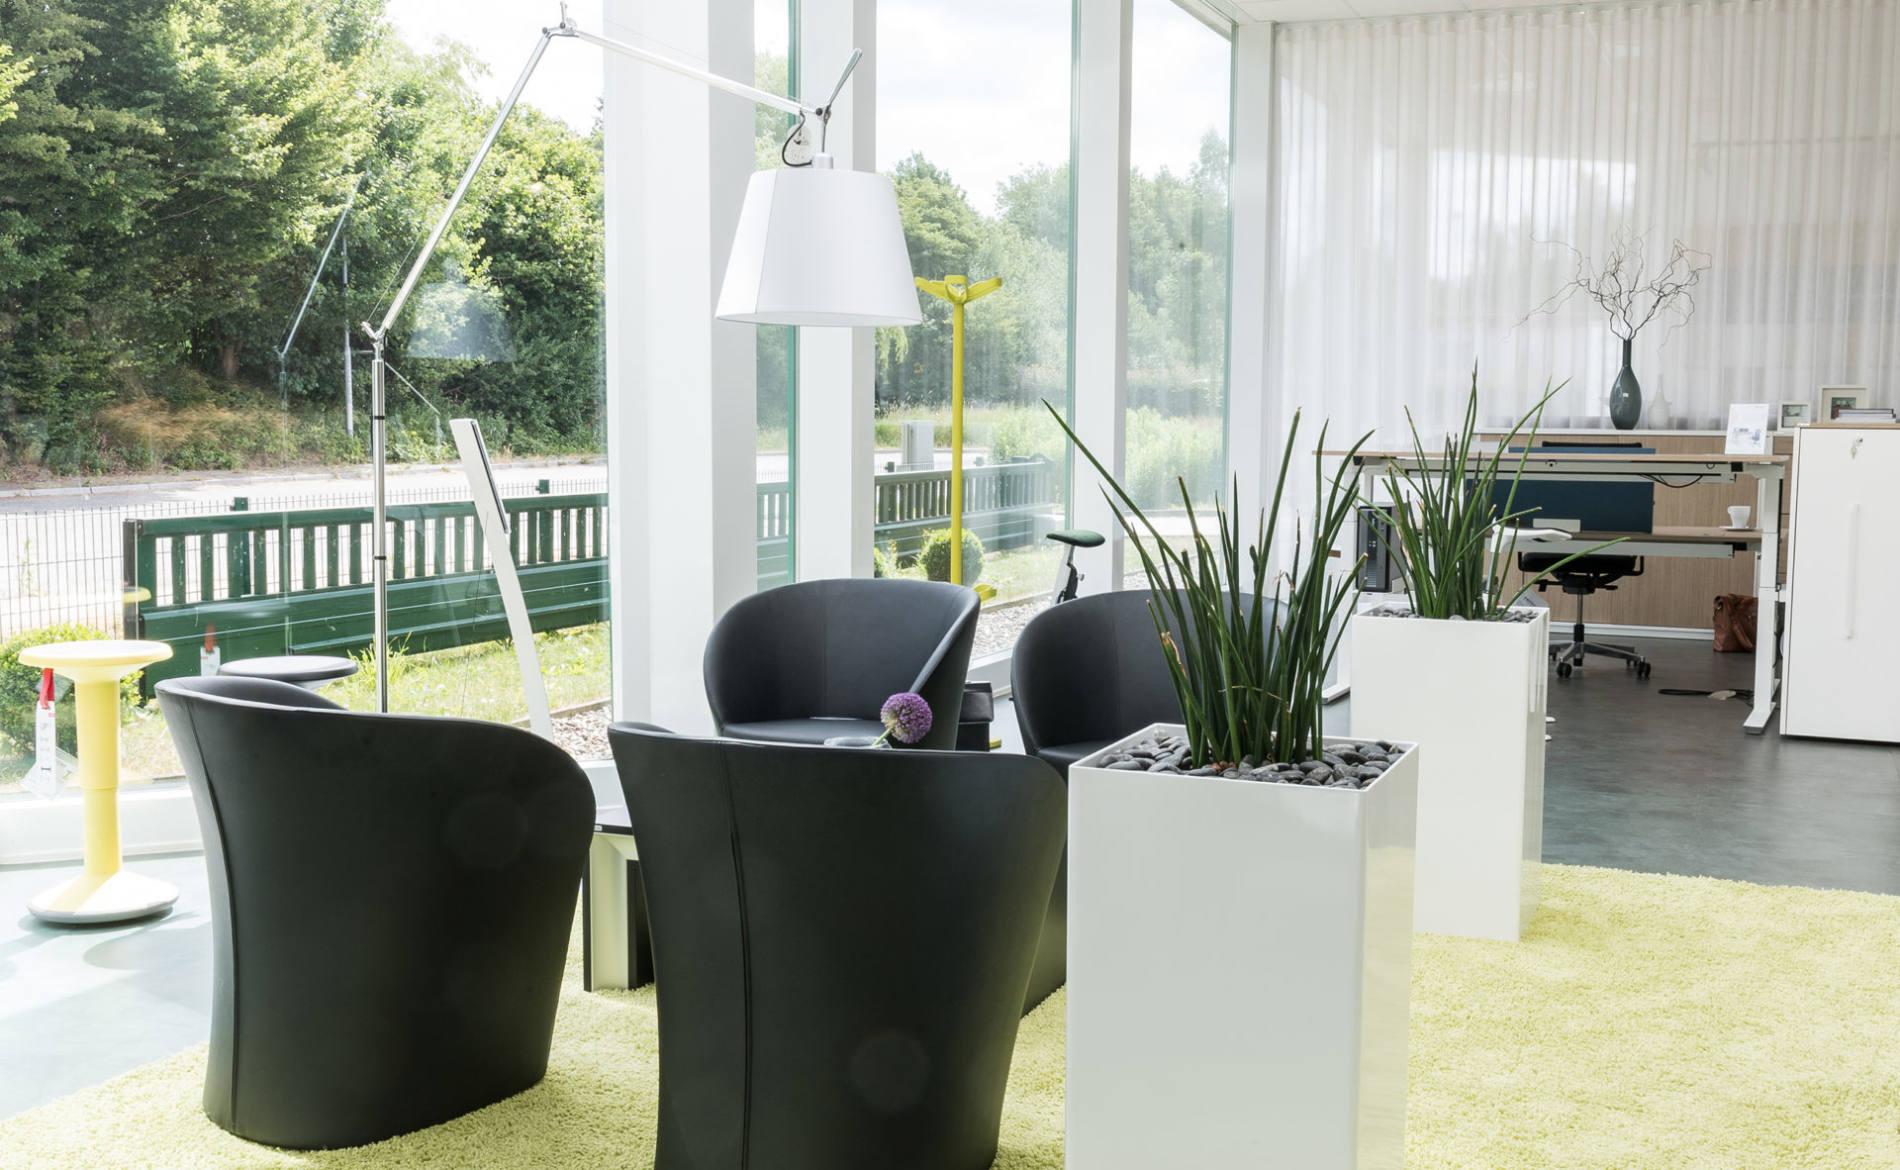 Sitzecke mit Ledersessel, Tisch und Stehleuchte